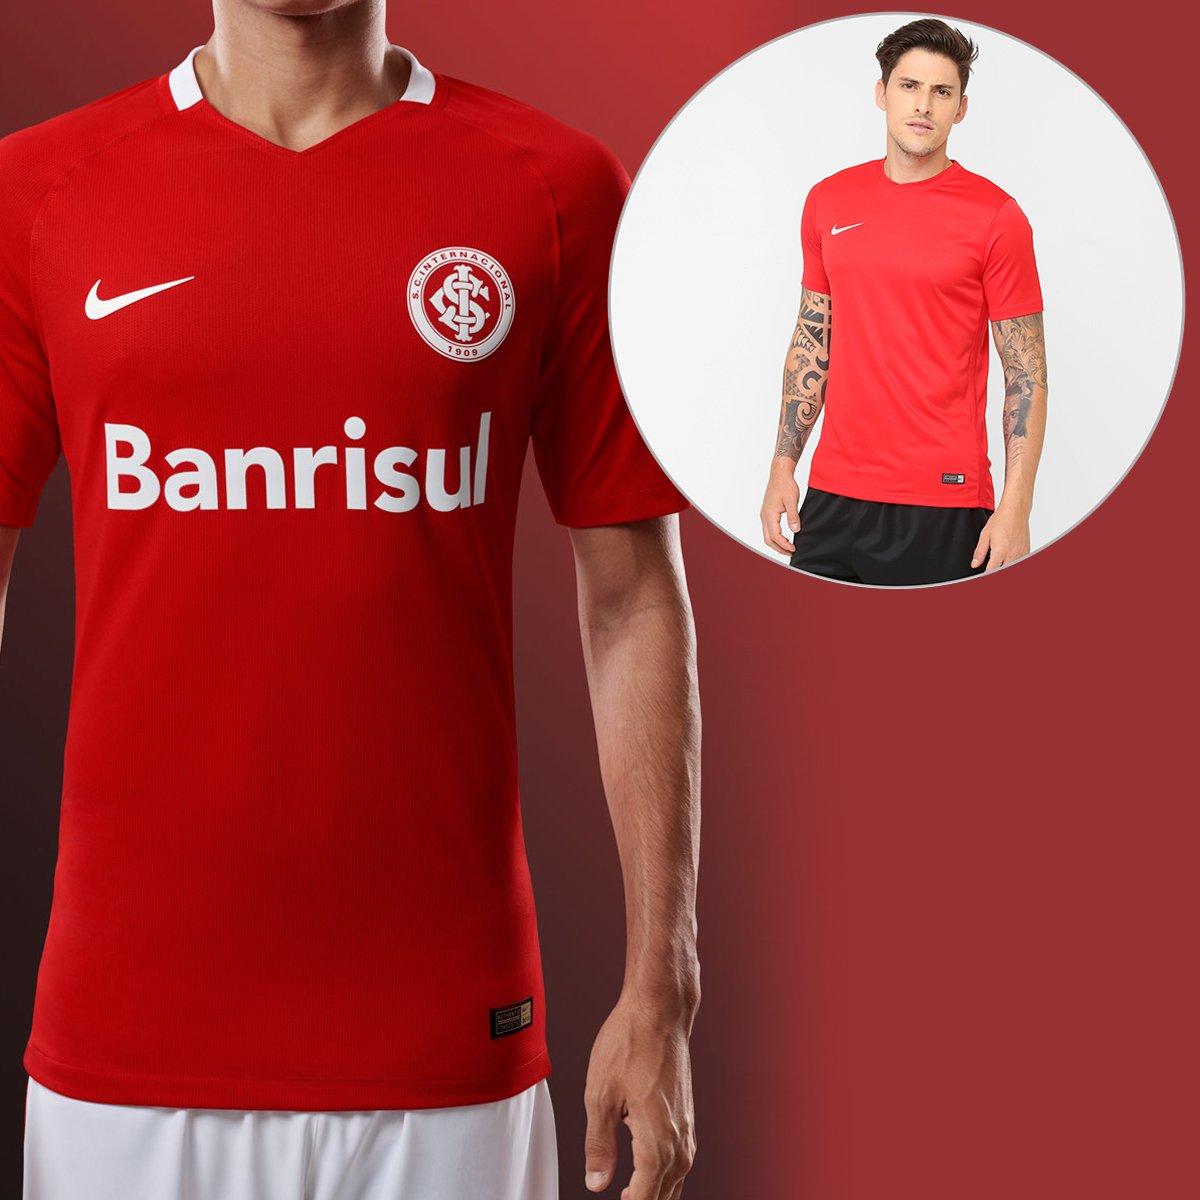 7b08a064a3bb5 Kit Camisa Nike Internacional I 2016 s/nº + Camisa Nike Park 6 | Netshoes